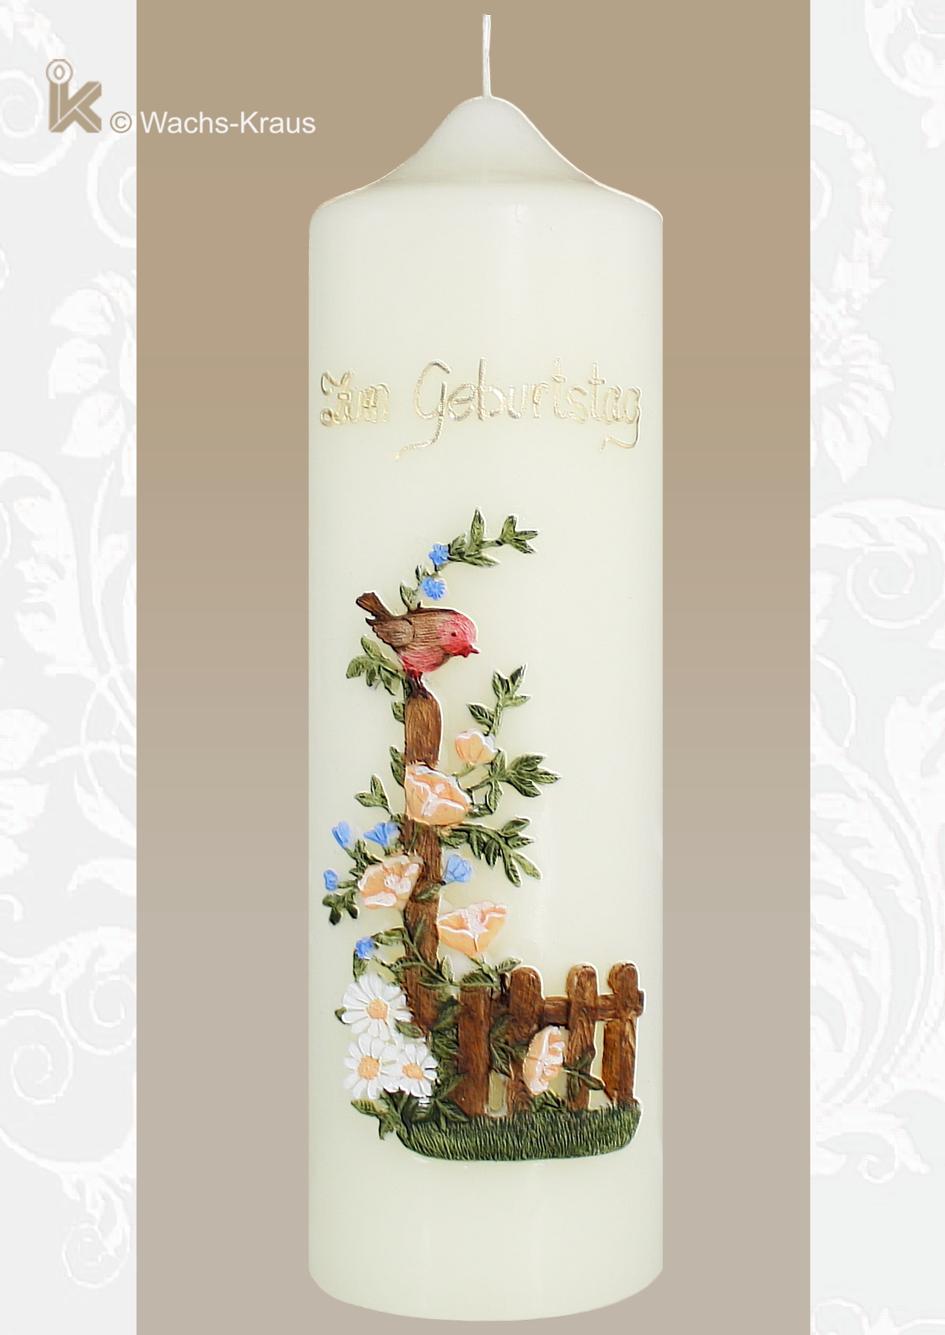 Kerze zum Geburtstag. Das Motiv aus Wachs gegossen, ein kleiner Vogel auf einem Gartenzaun mit feiner Blumenranke. In Handarbeit verziert und bemalt.